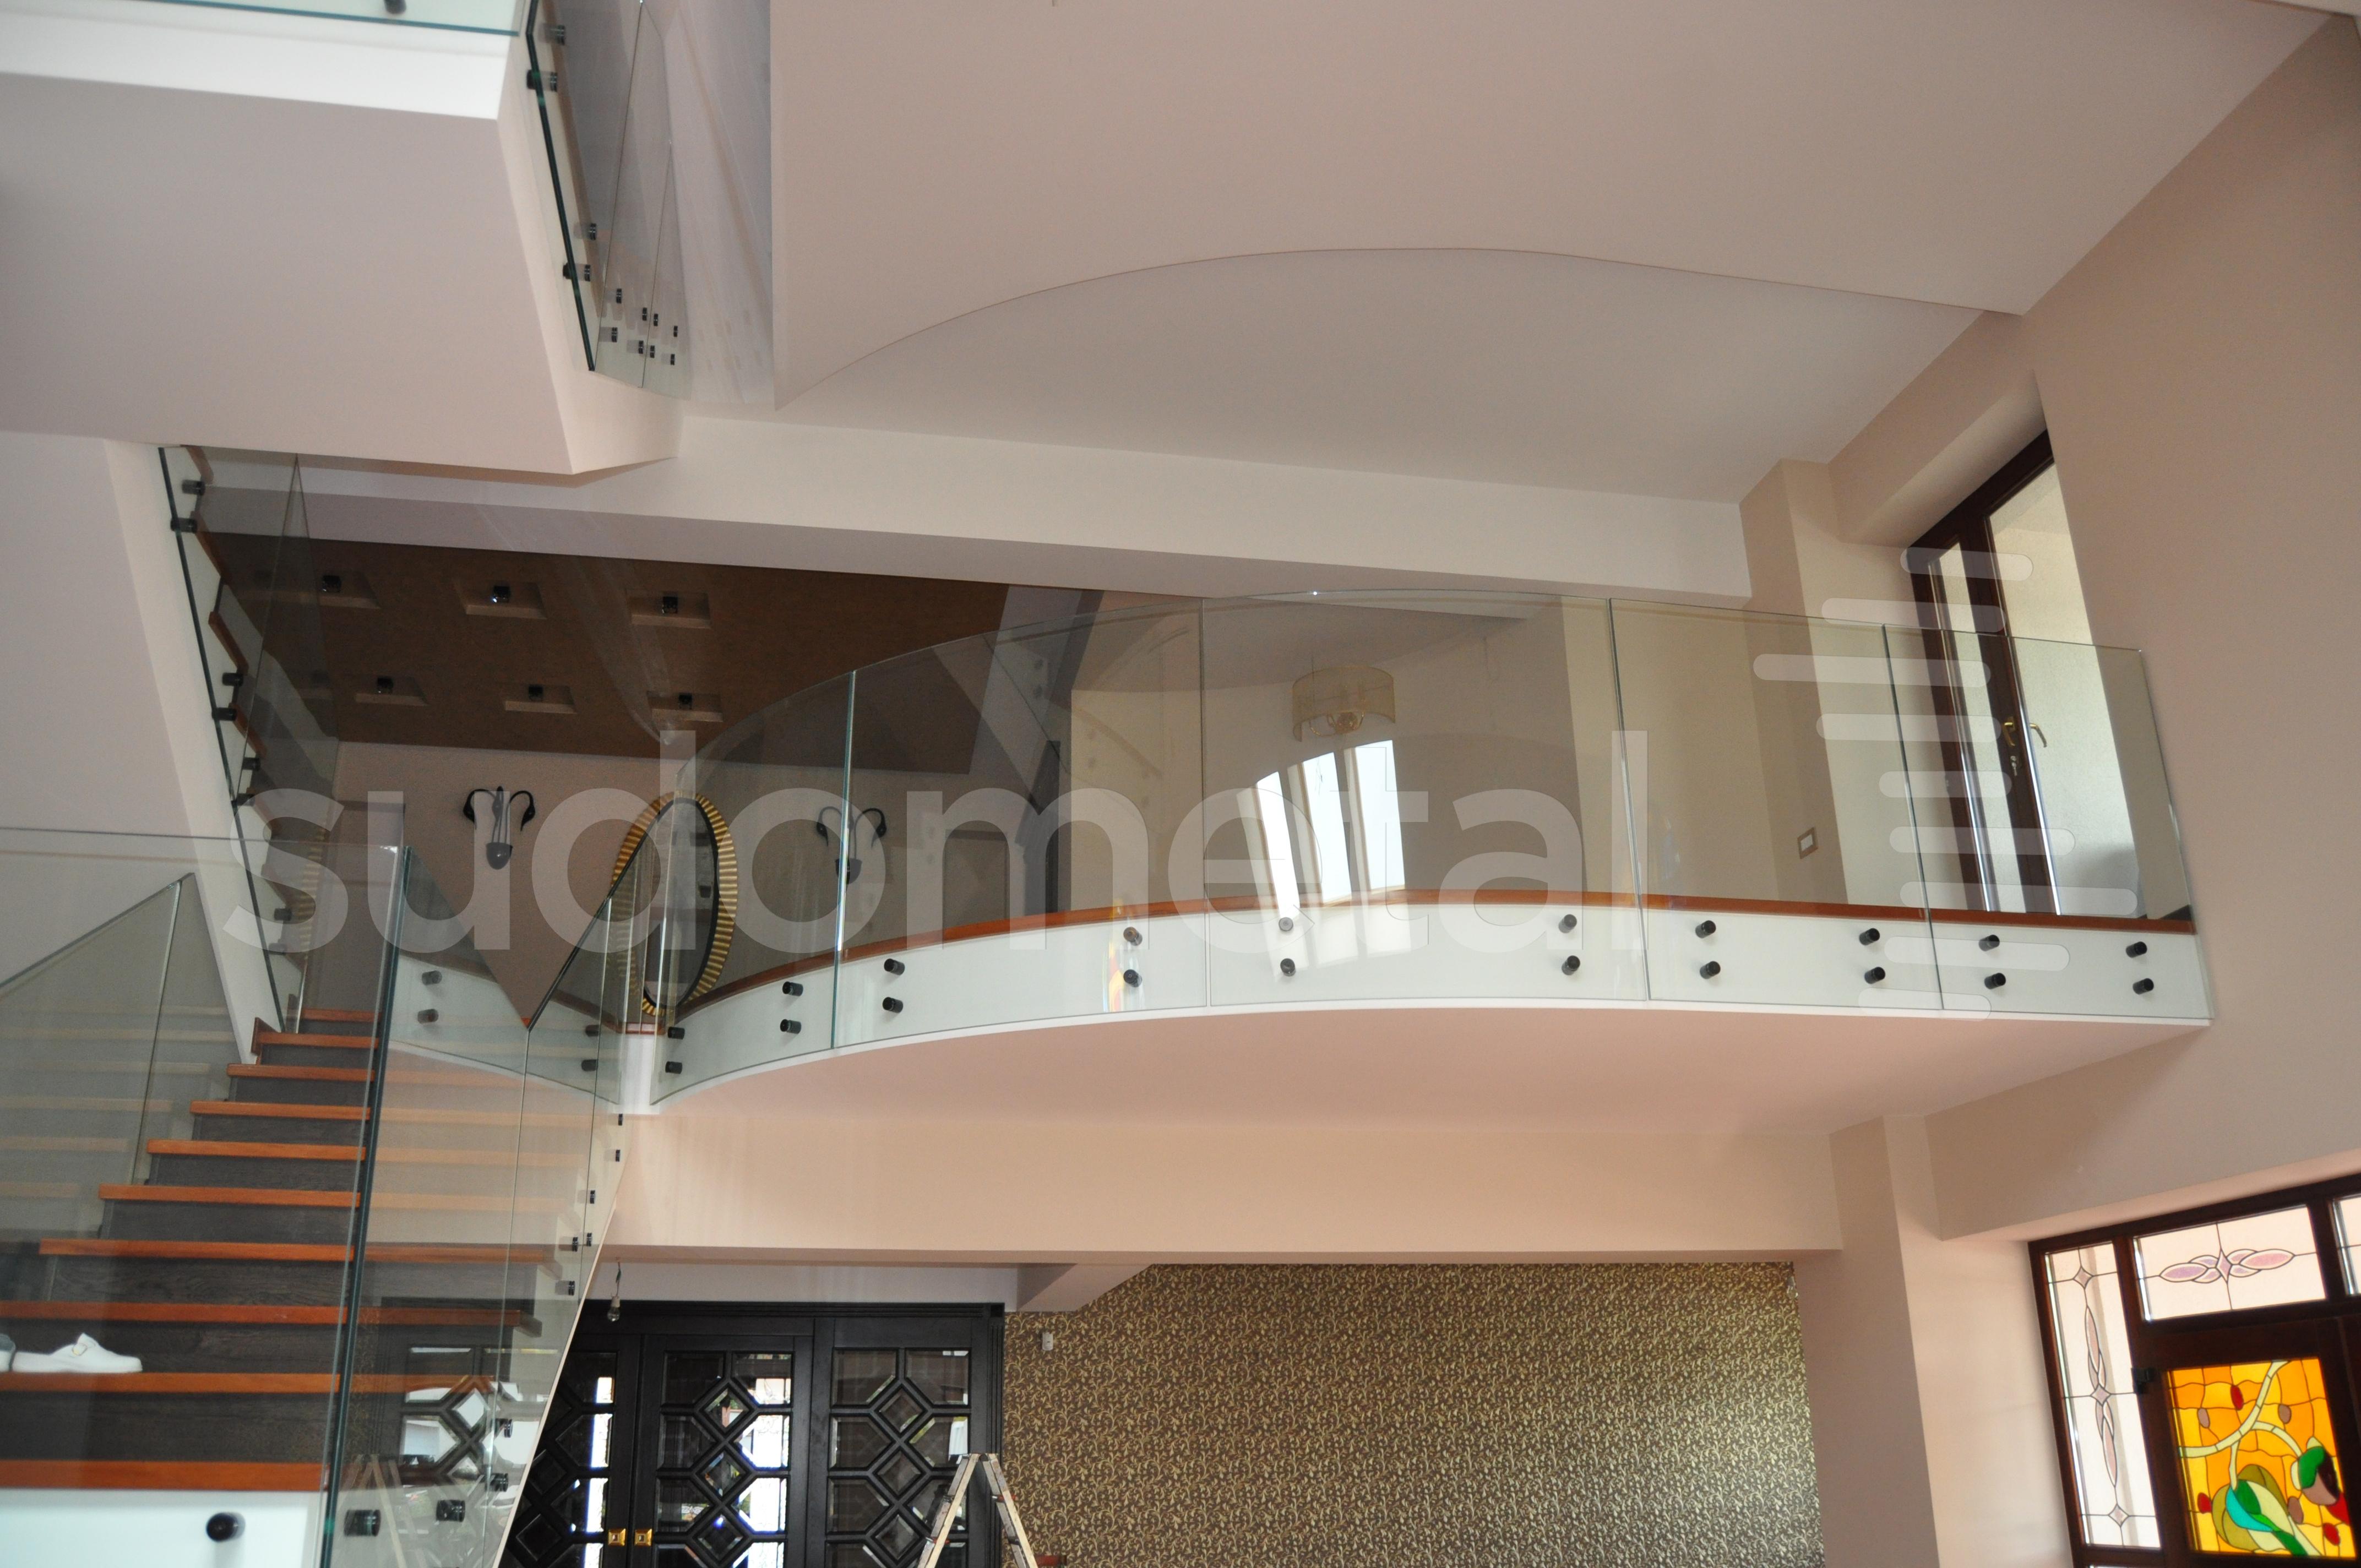 Balustrade din sticla - Balustrada din sticla curba casa particulara Bacau SUDOMETAL - Poza 1